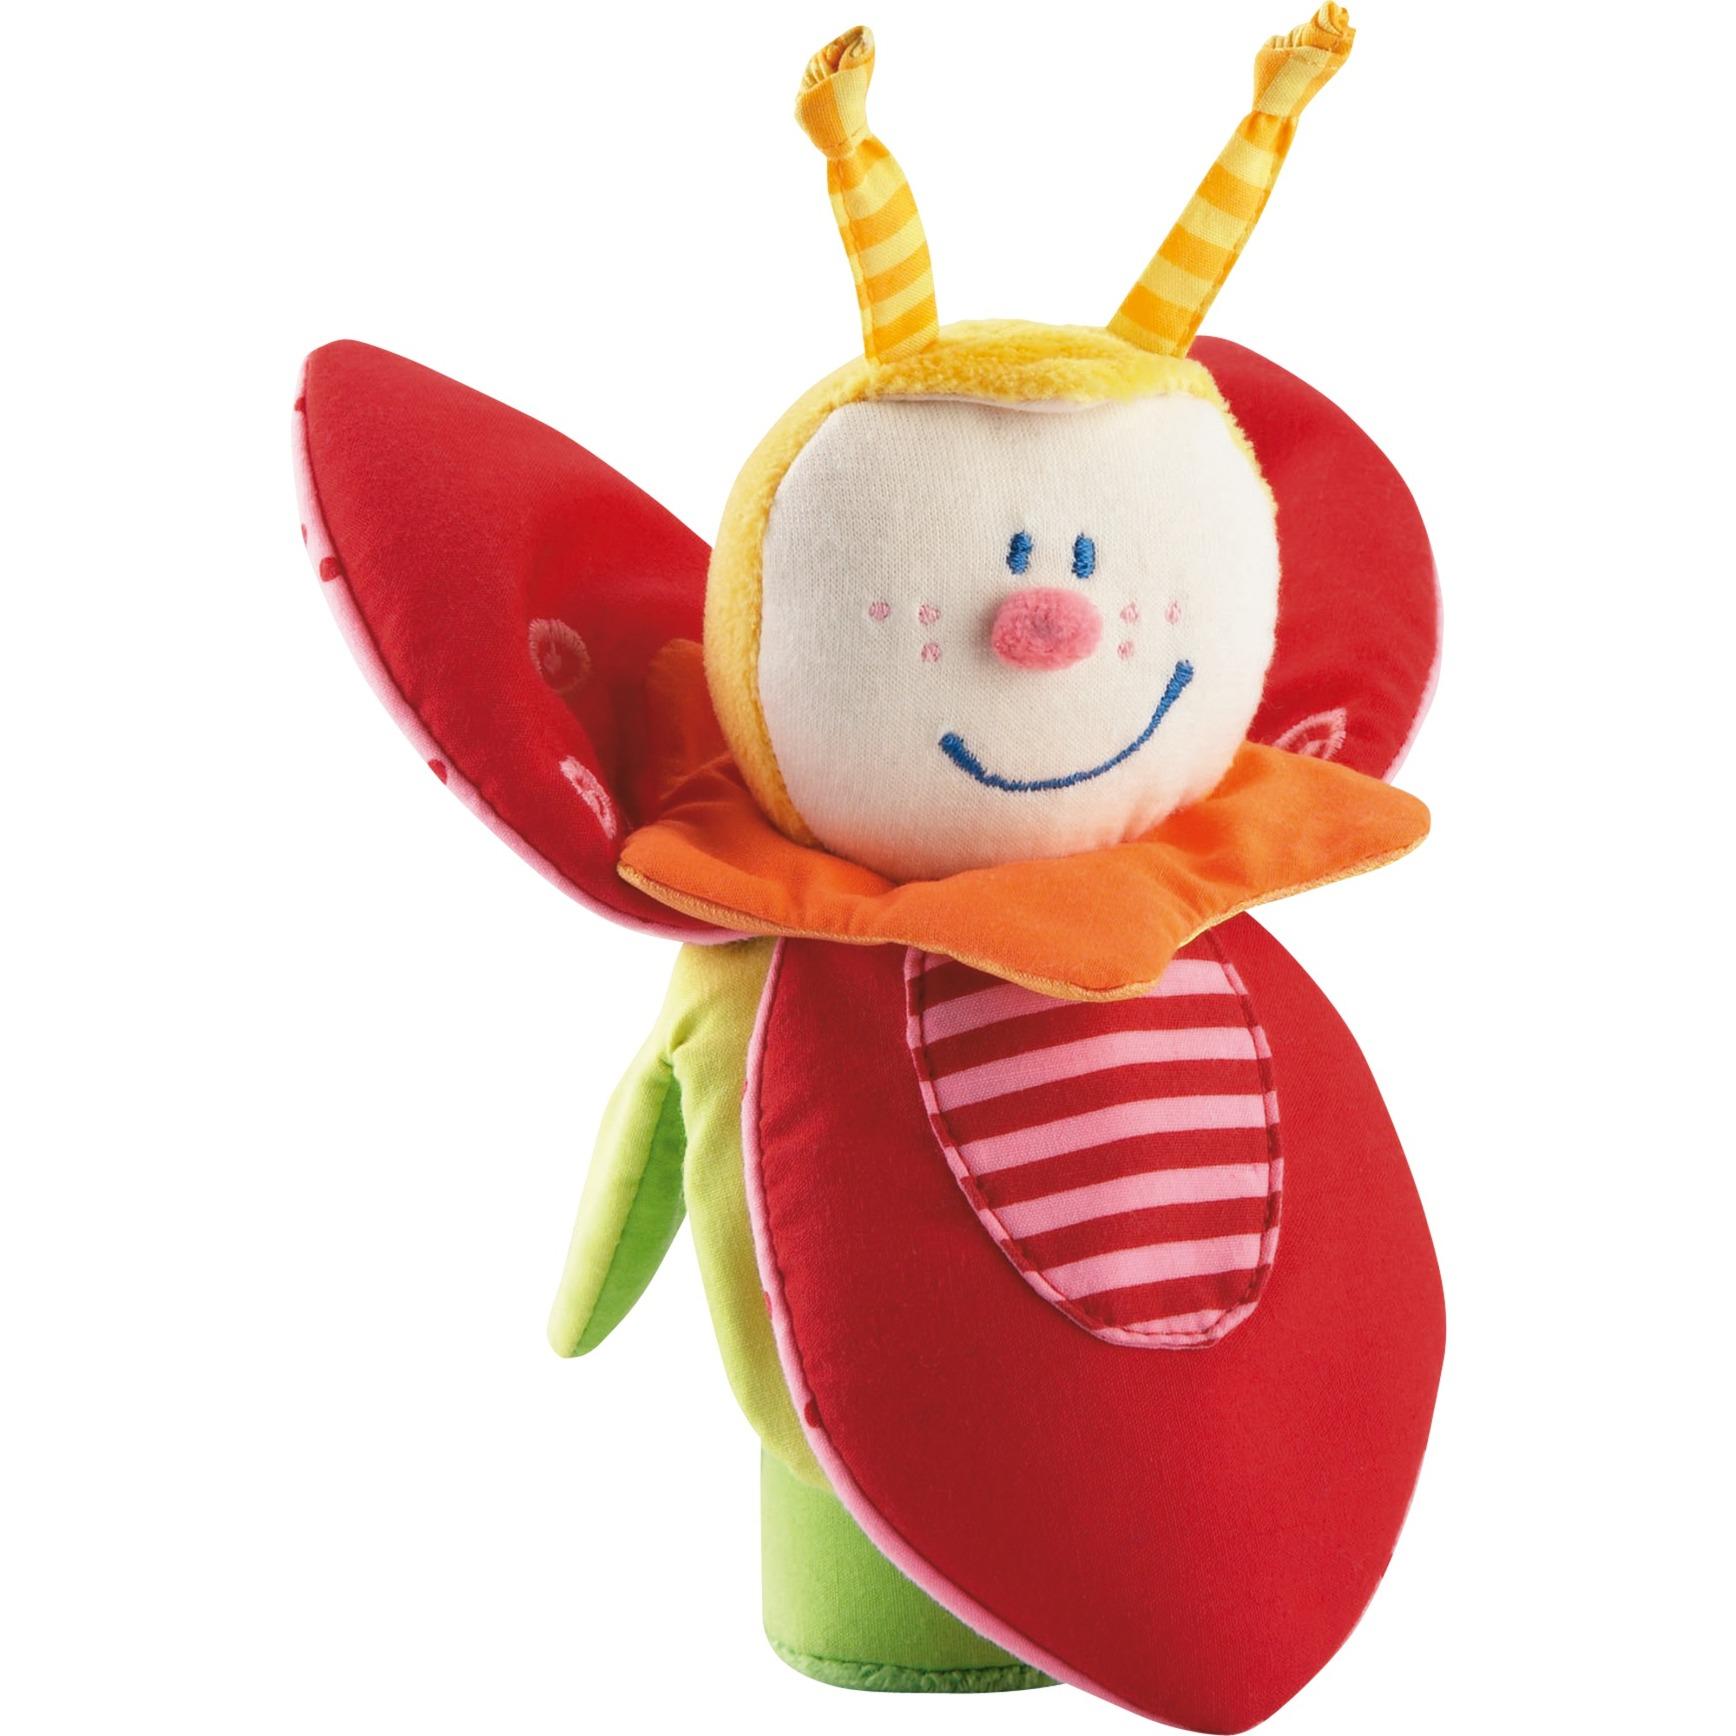 003727 Escarabajo de juguete Verde, Rosa, Rojo Poliéster, Juego de destreza